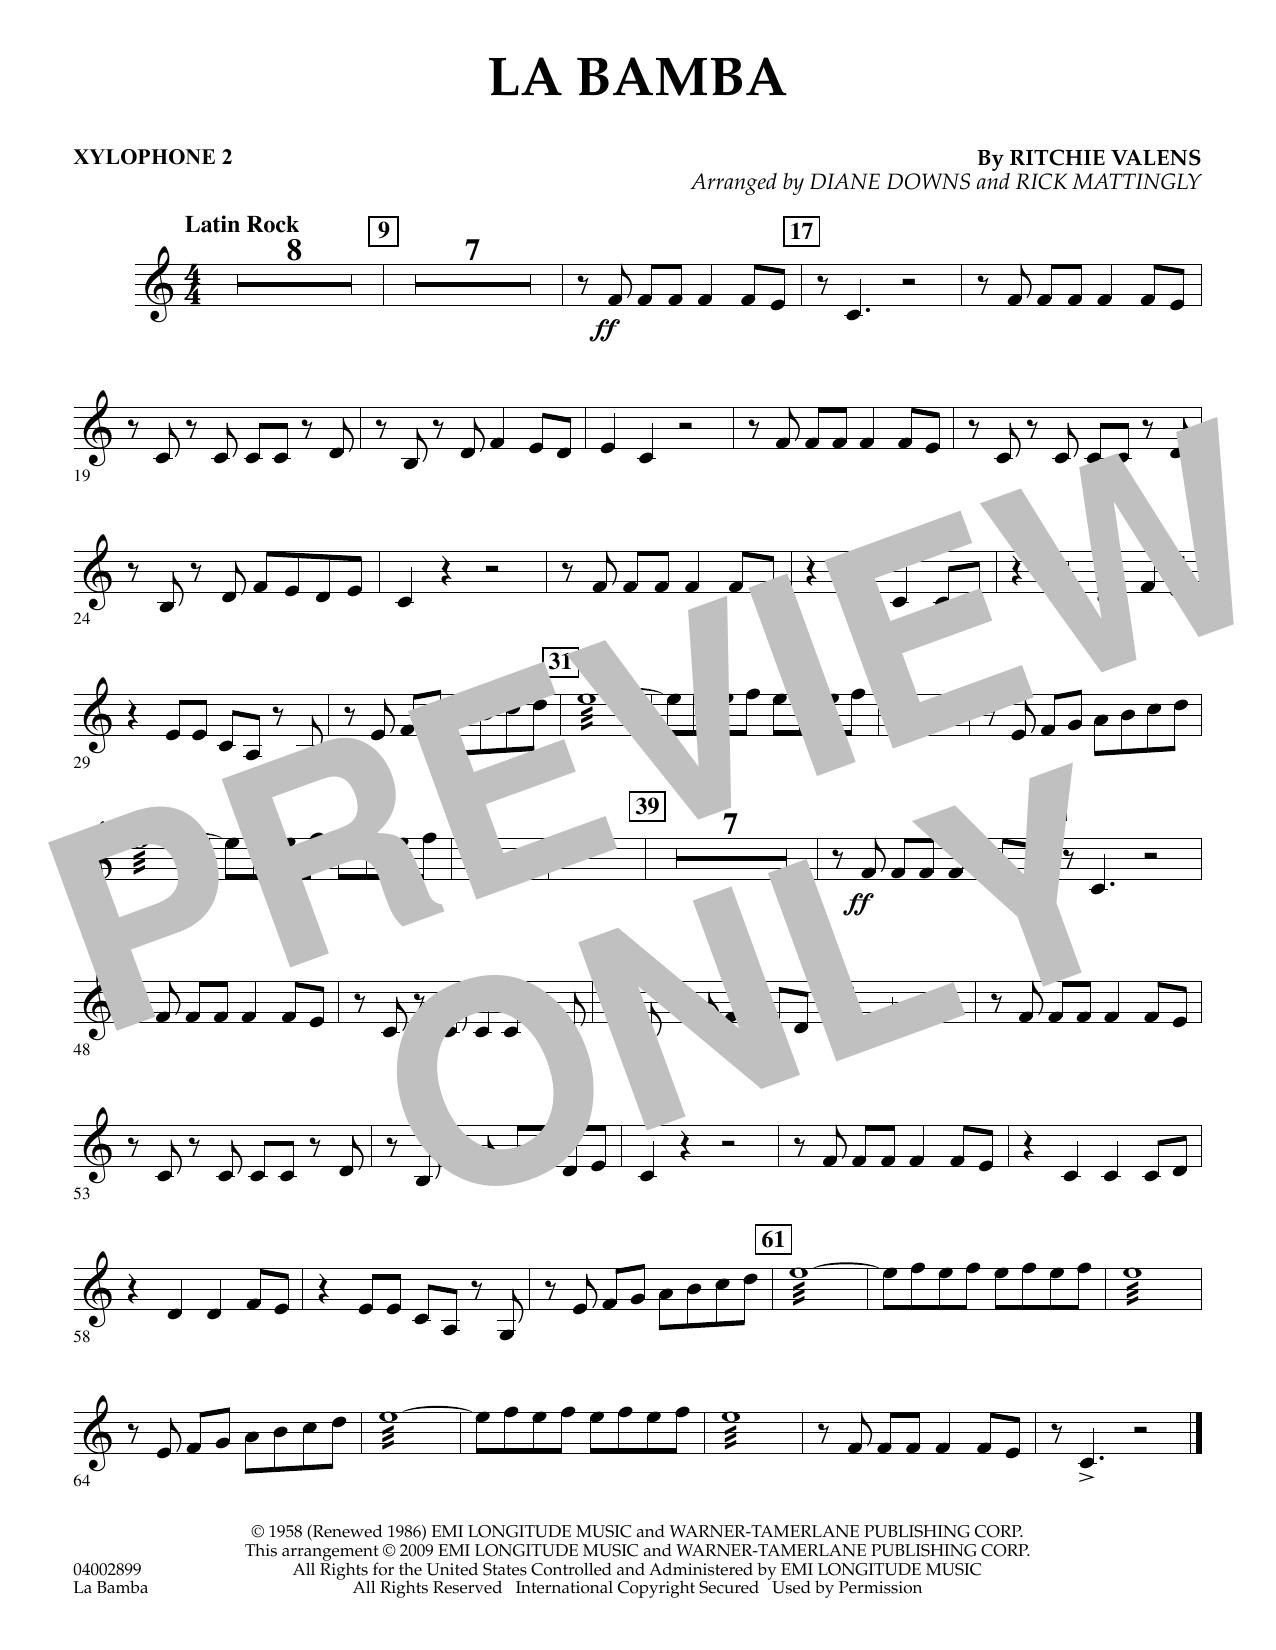 Rick Mattingly - La Bamba - Xylophone 2